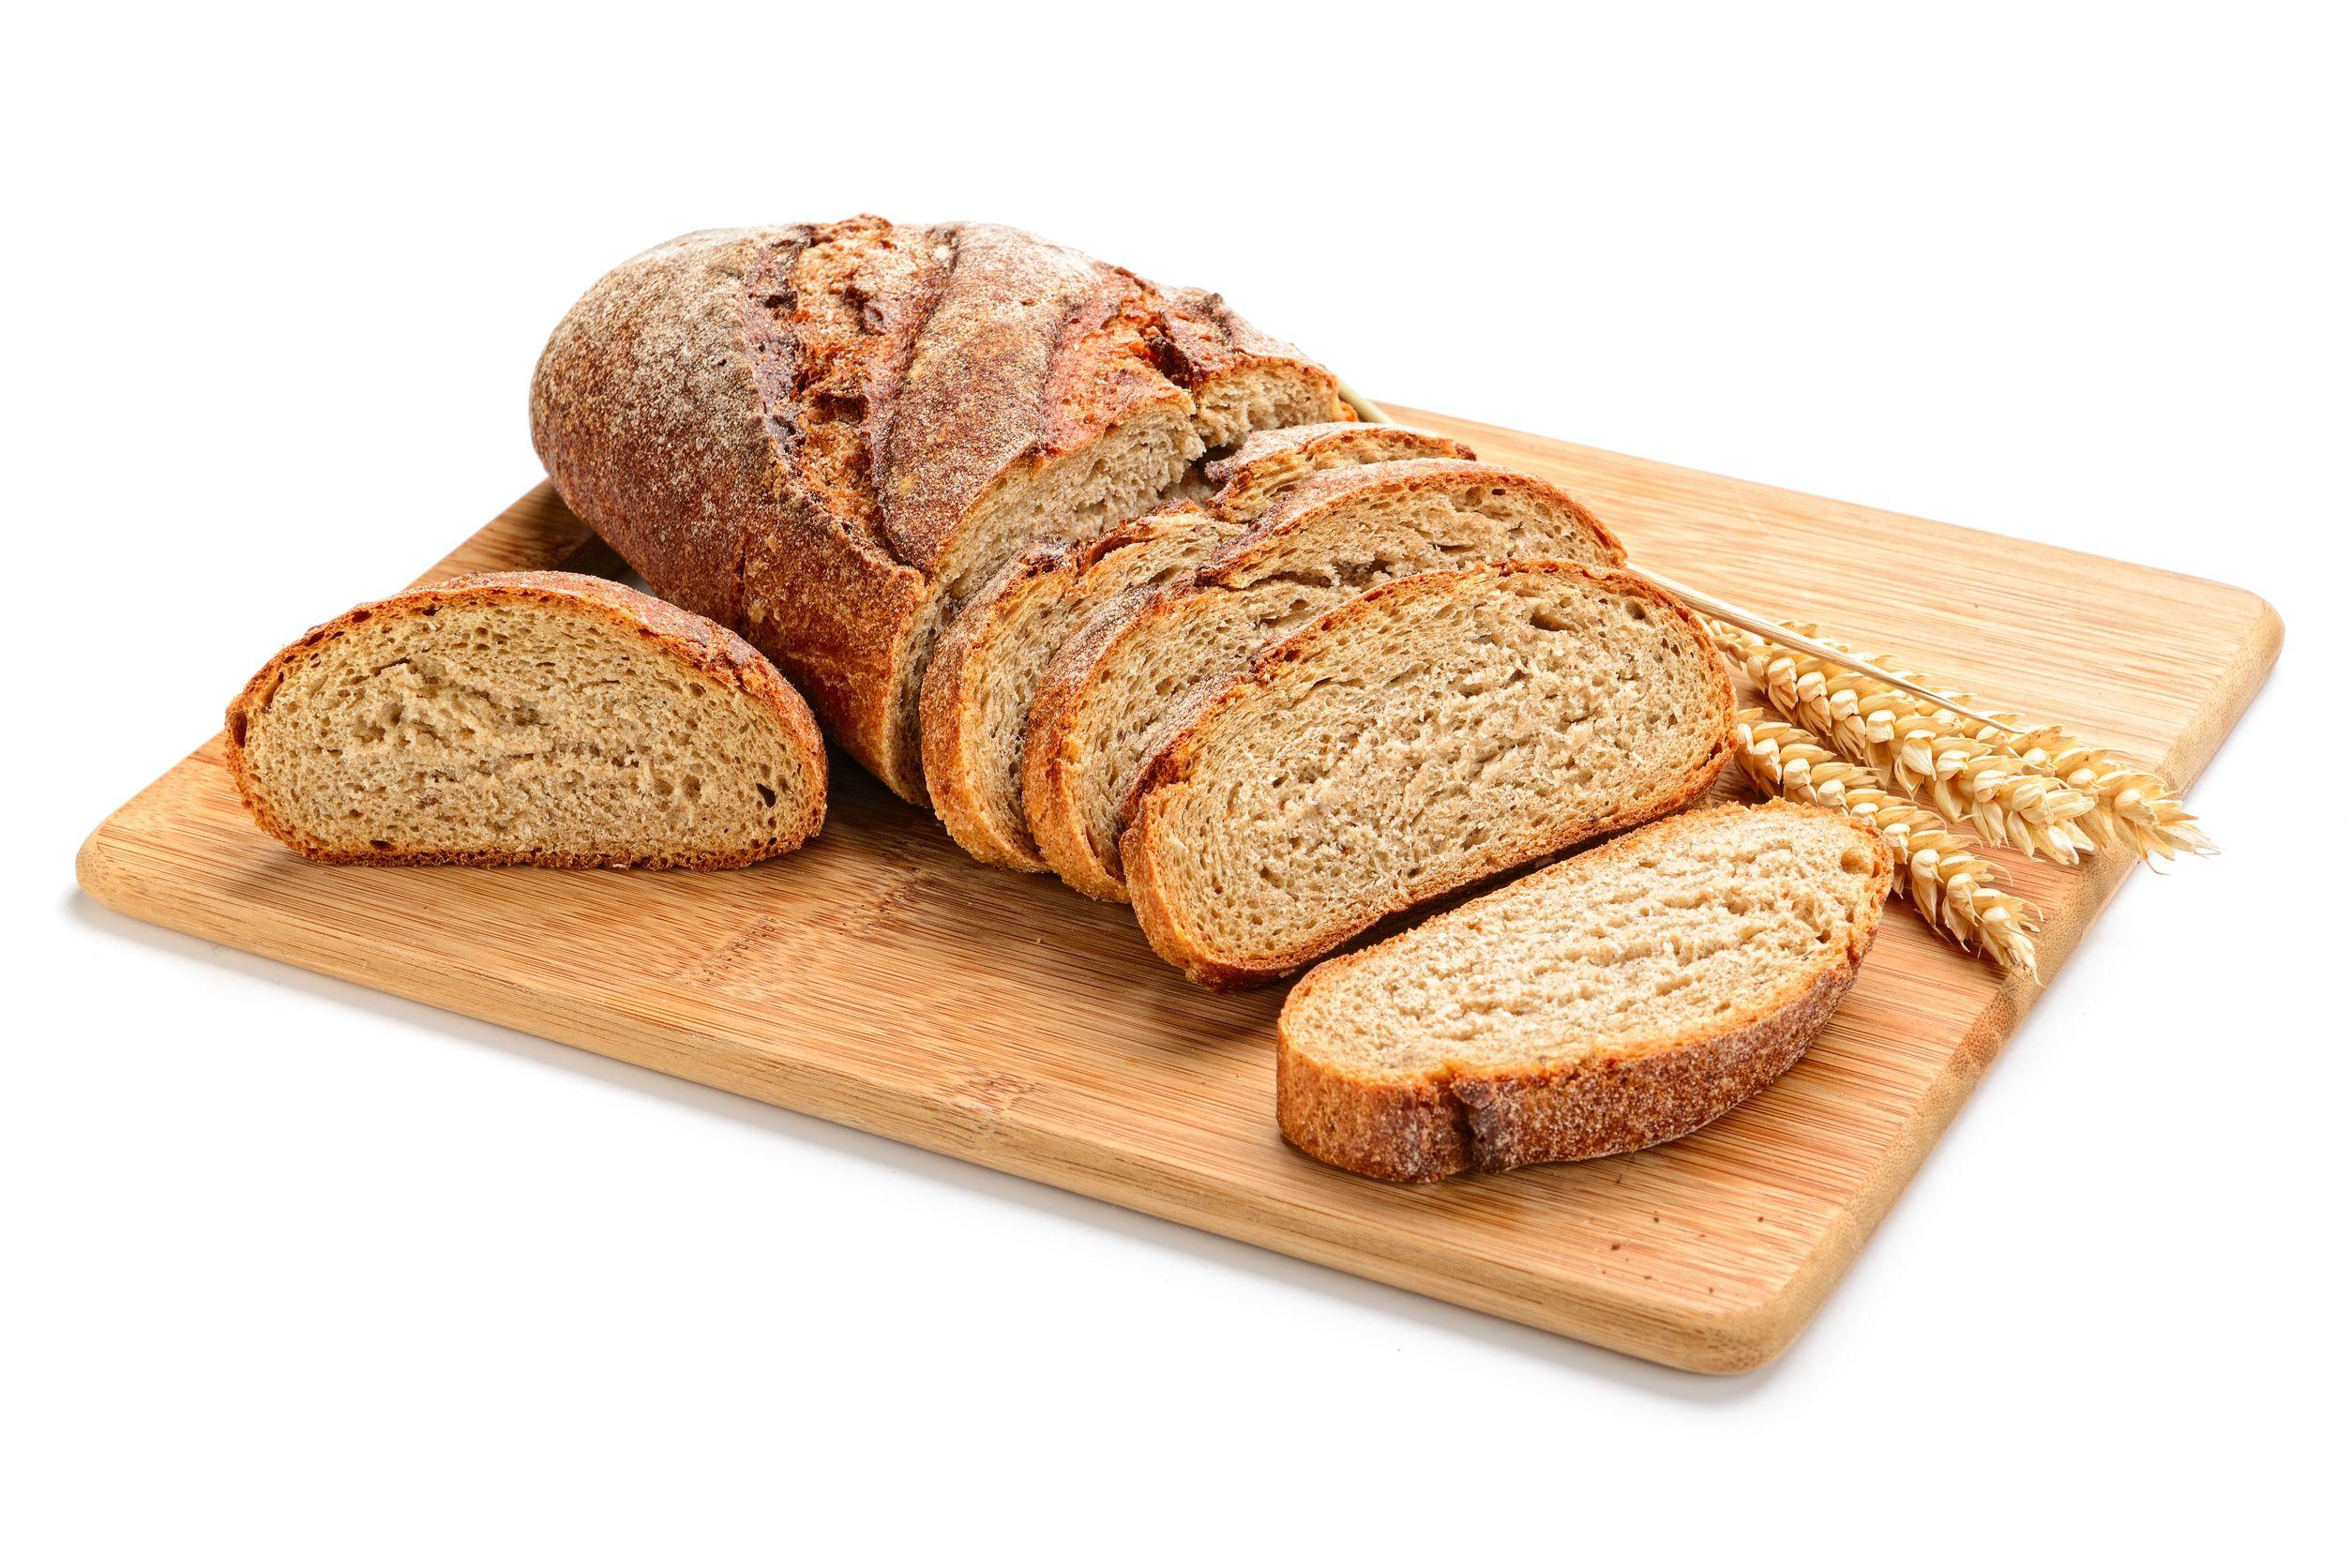 ライ麦パンがカットボードにのっている